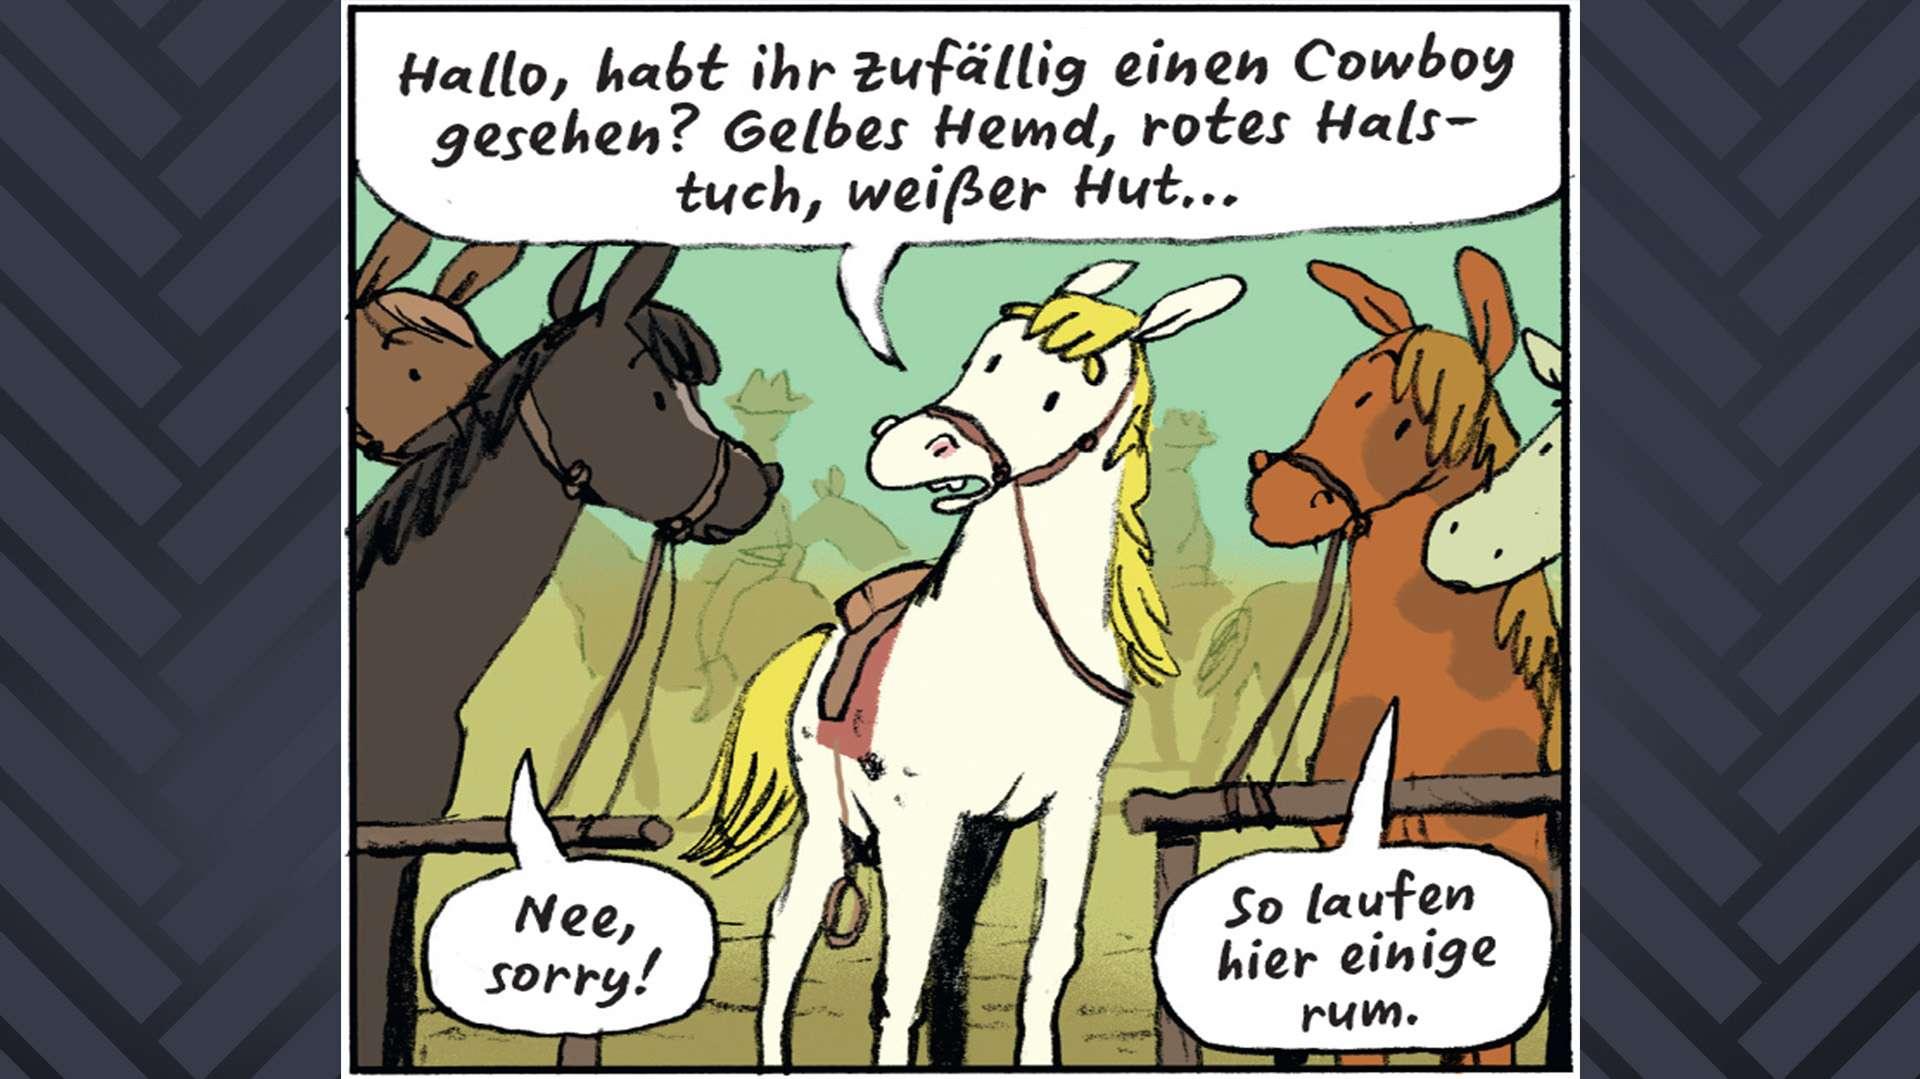 """Jolly Jumper fragt zwei andere Pferde: """"Hallo, habt ihr zufällig einen Cowboy gesehen? Gelbes Hemd, rotes Halstuch, weißer Hut?"""" Sie antworten: """"Nee, sorry!"""" und """"So laufen einige hier rum."""""""